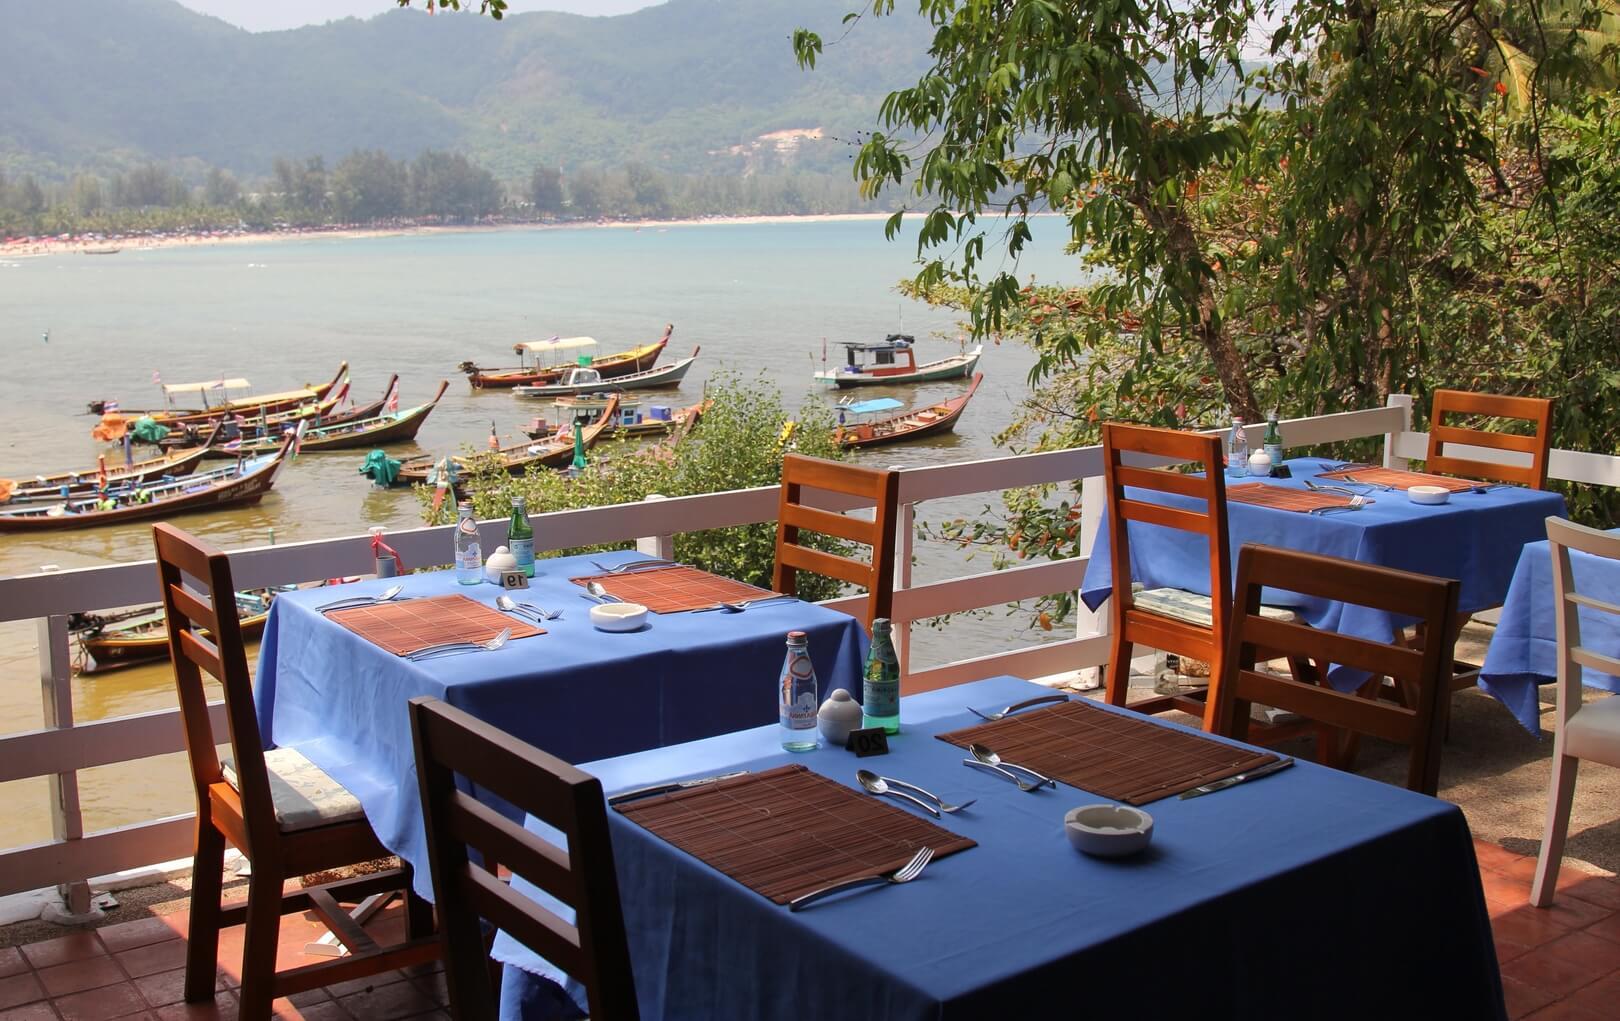 Фото ресторана The Deck на пляже Камала (Пхукет)